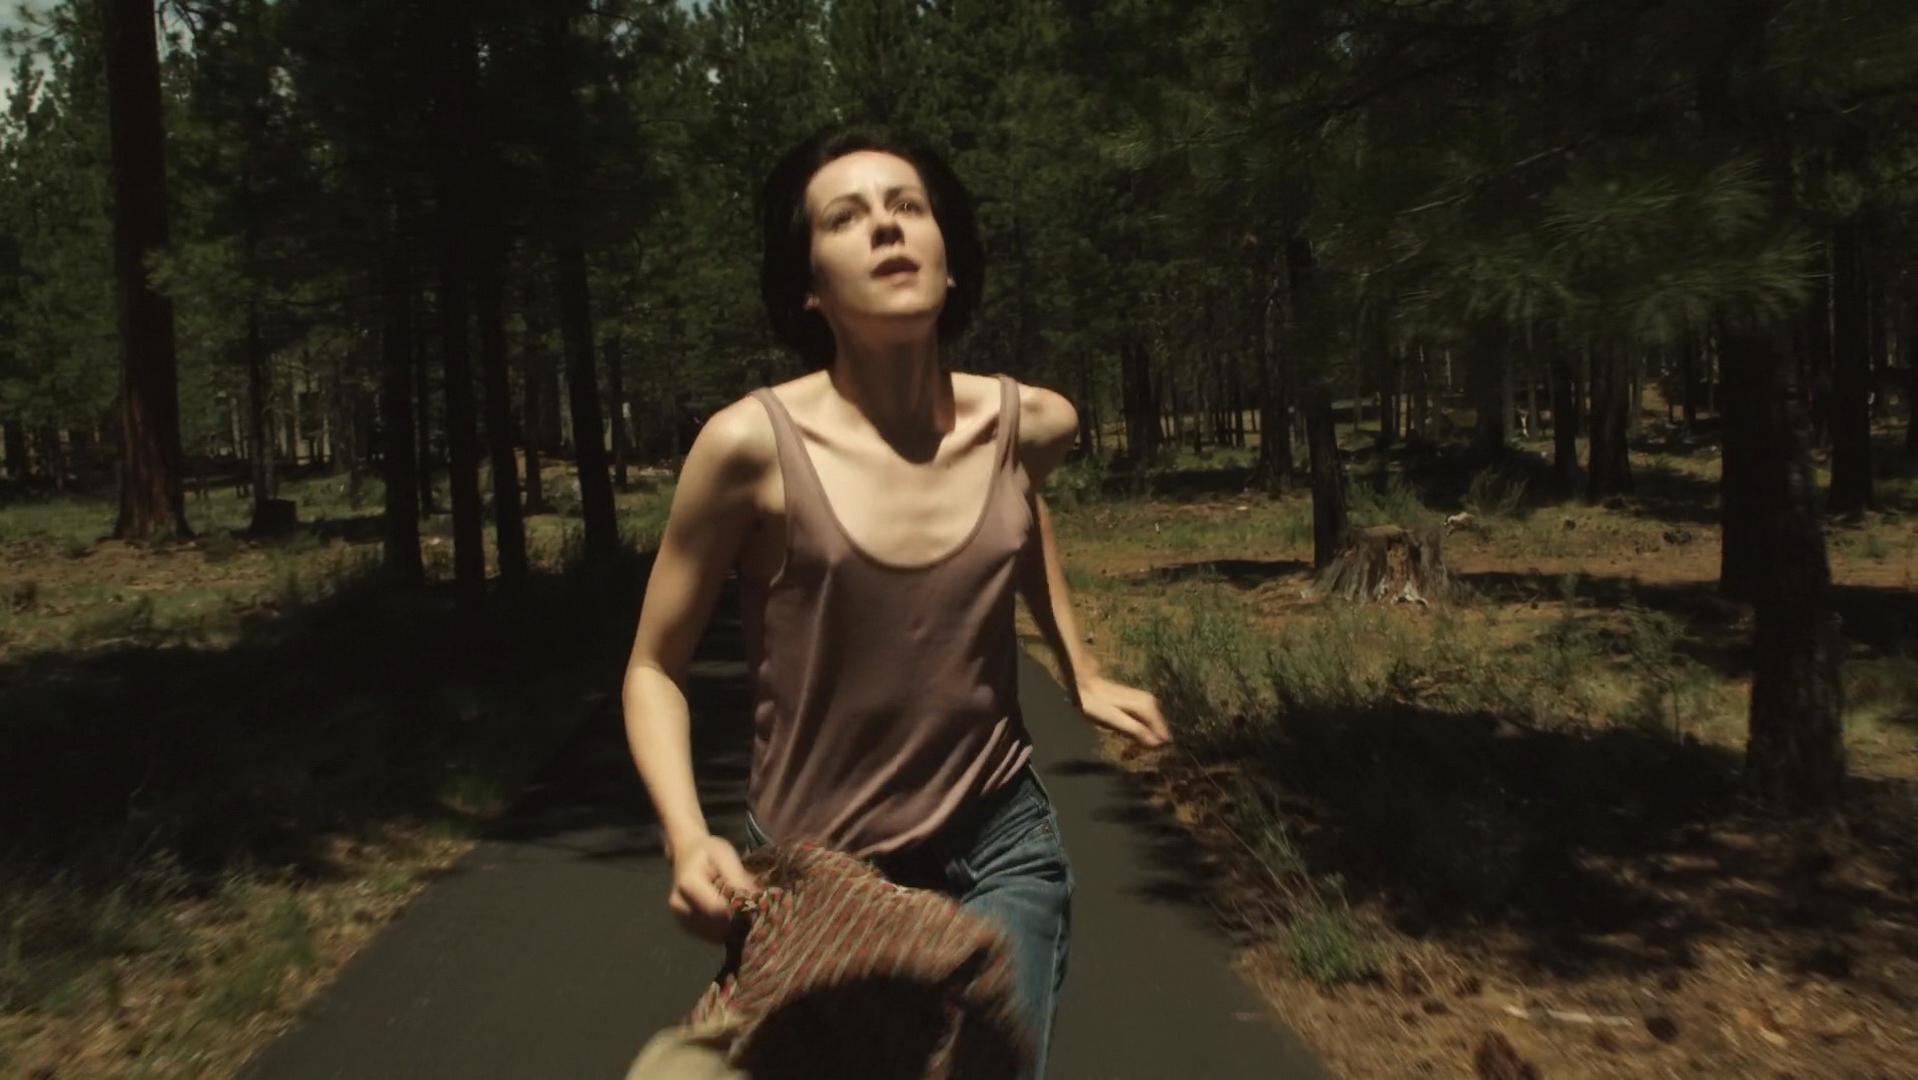 Chloe Sevigny nude, Jena Malone sexy - The Wait (2013)